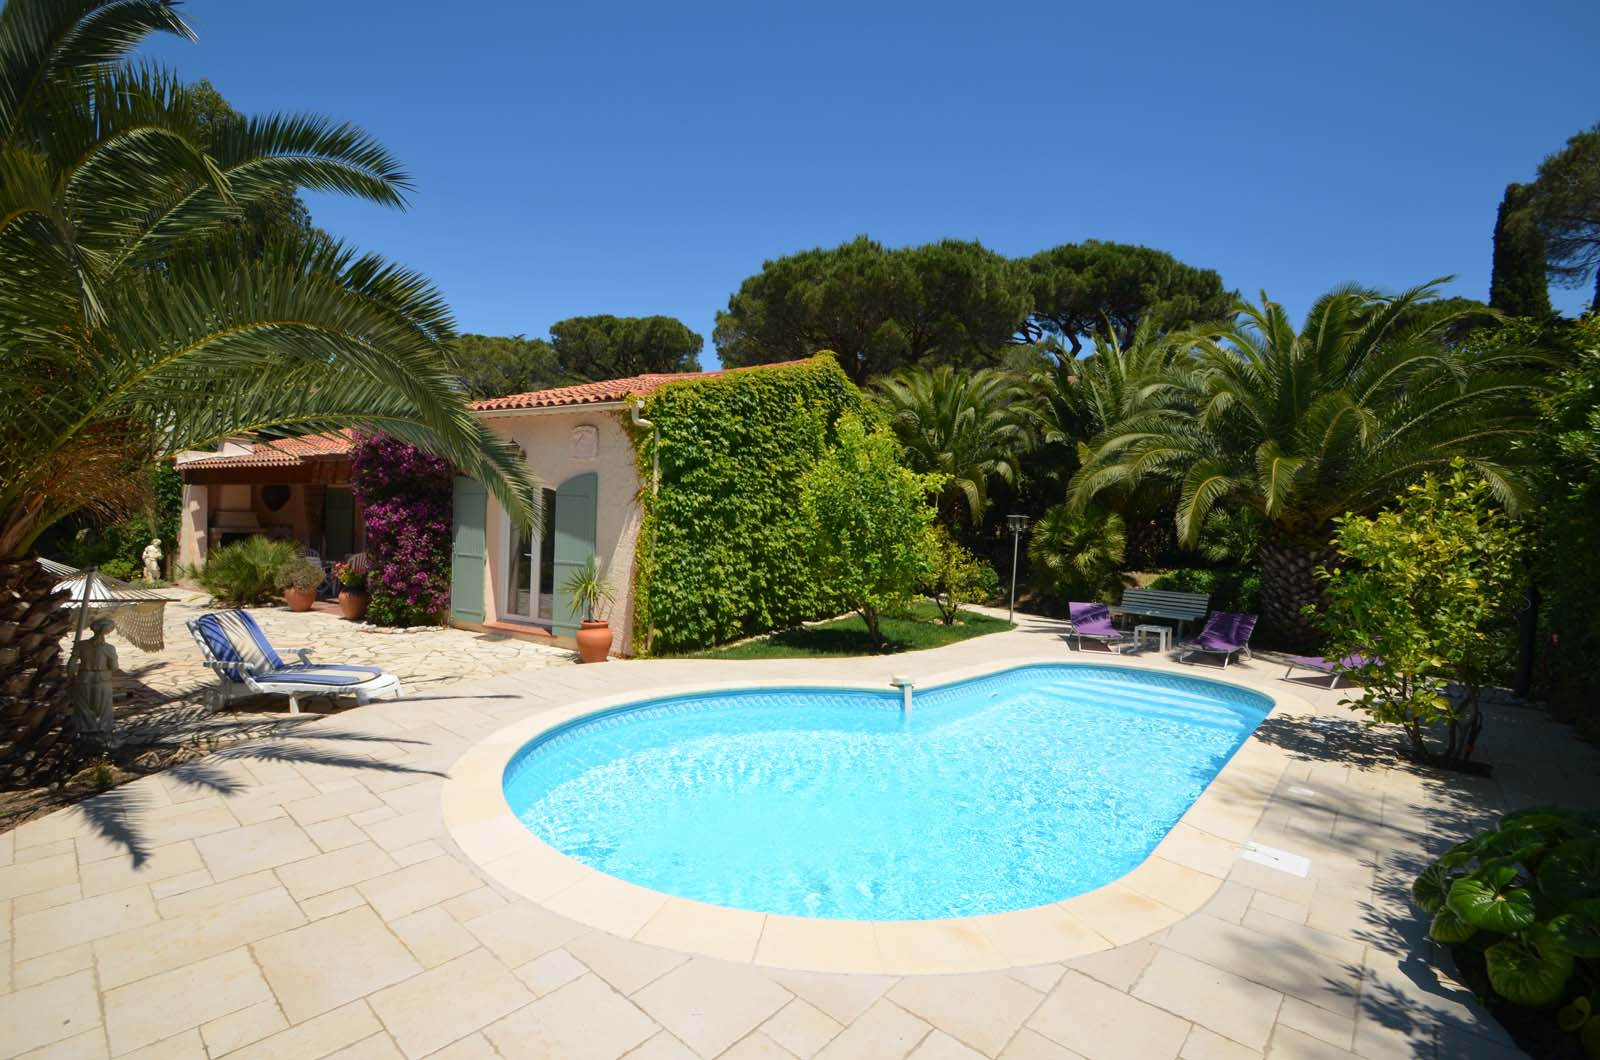 Vakantiehuis in Les Issambres met zwembad, in Provence-Cote d'Azur.